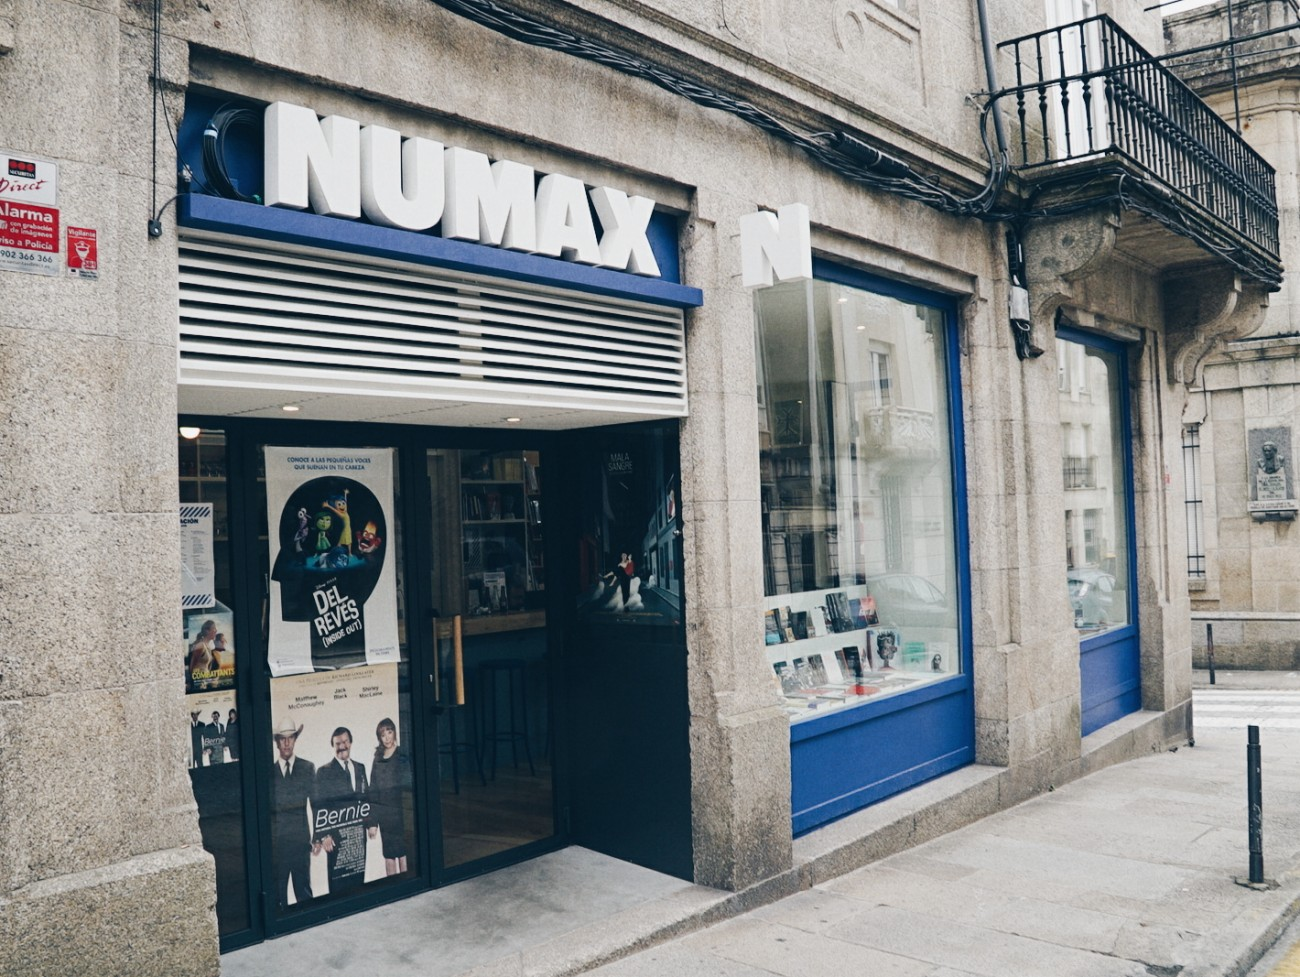 Après 11 heures de train depuis le Pays Basque, première étape à Saint-Jacques de Compostelle pour découvrir le Numax, qui a ouvert en mars 2015. En plus de l'activité cinématographique, ce lieu dispose d'une librairie, d'un café et d'un laboratoire de création graphique et vidéo qui propose des services de production et de postproduction (montage, étalonnage, fabrication de DCP, etc).